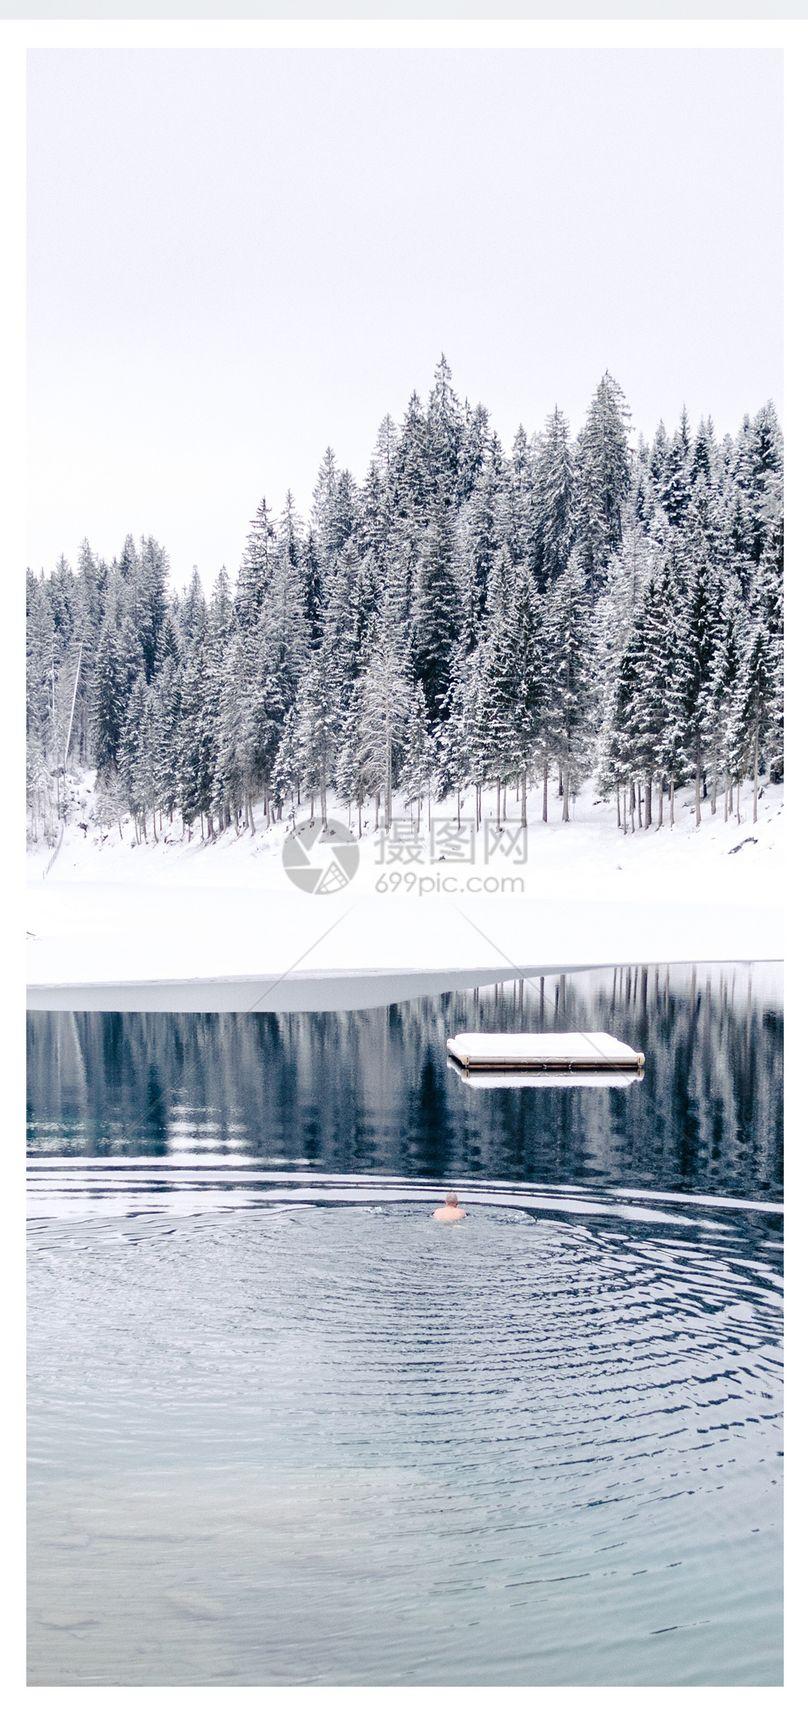 冬天雪景手机壁纸图片